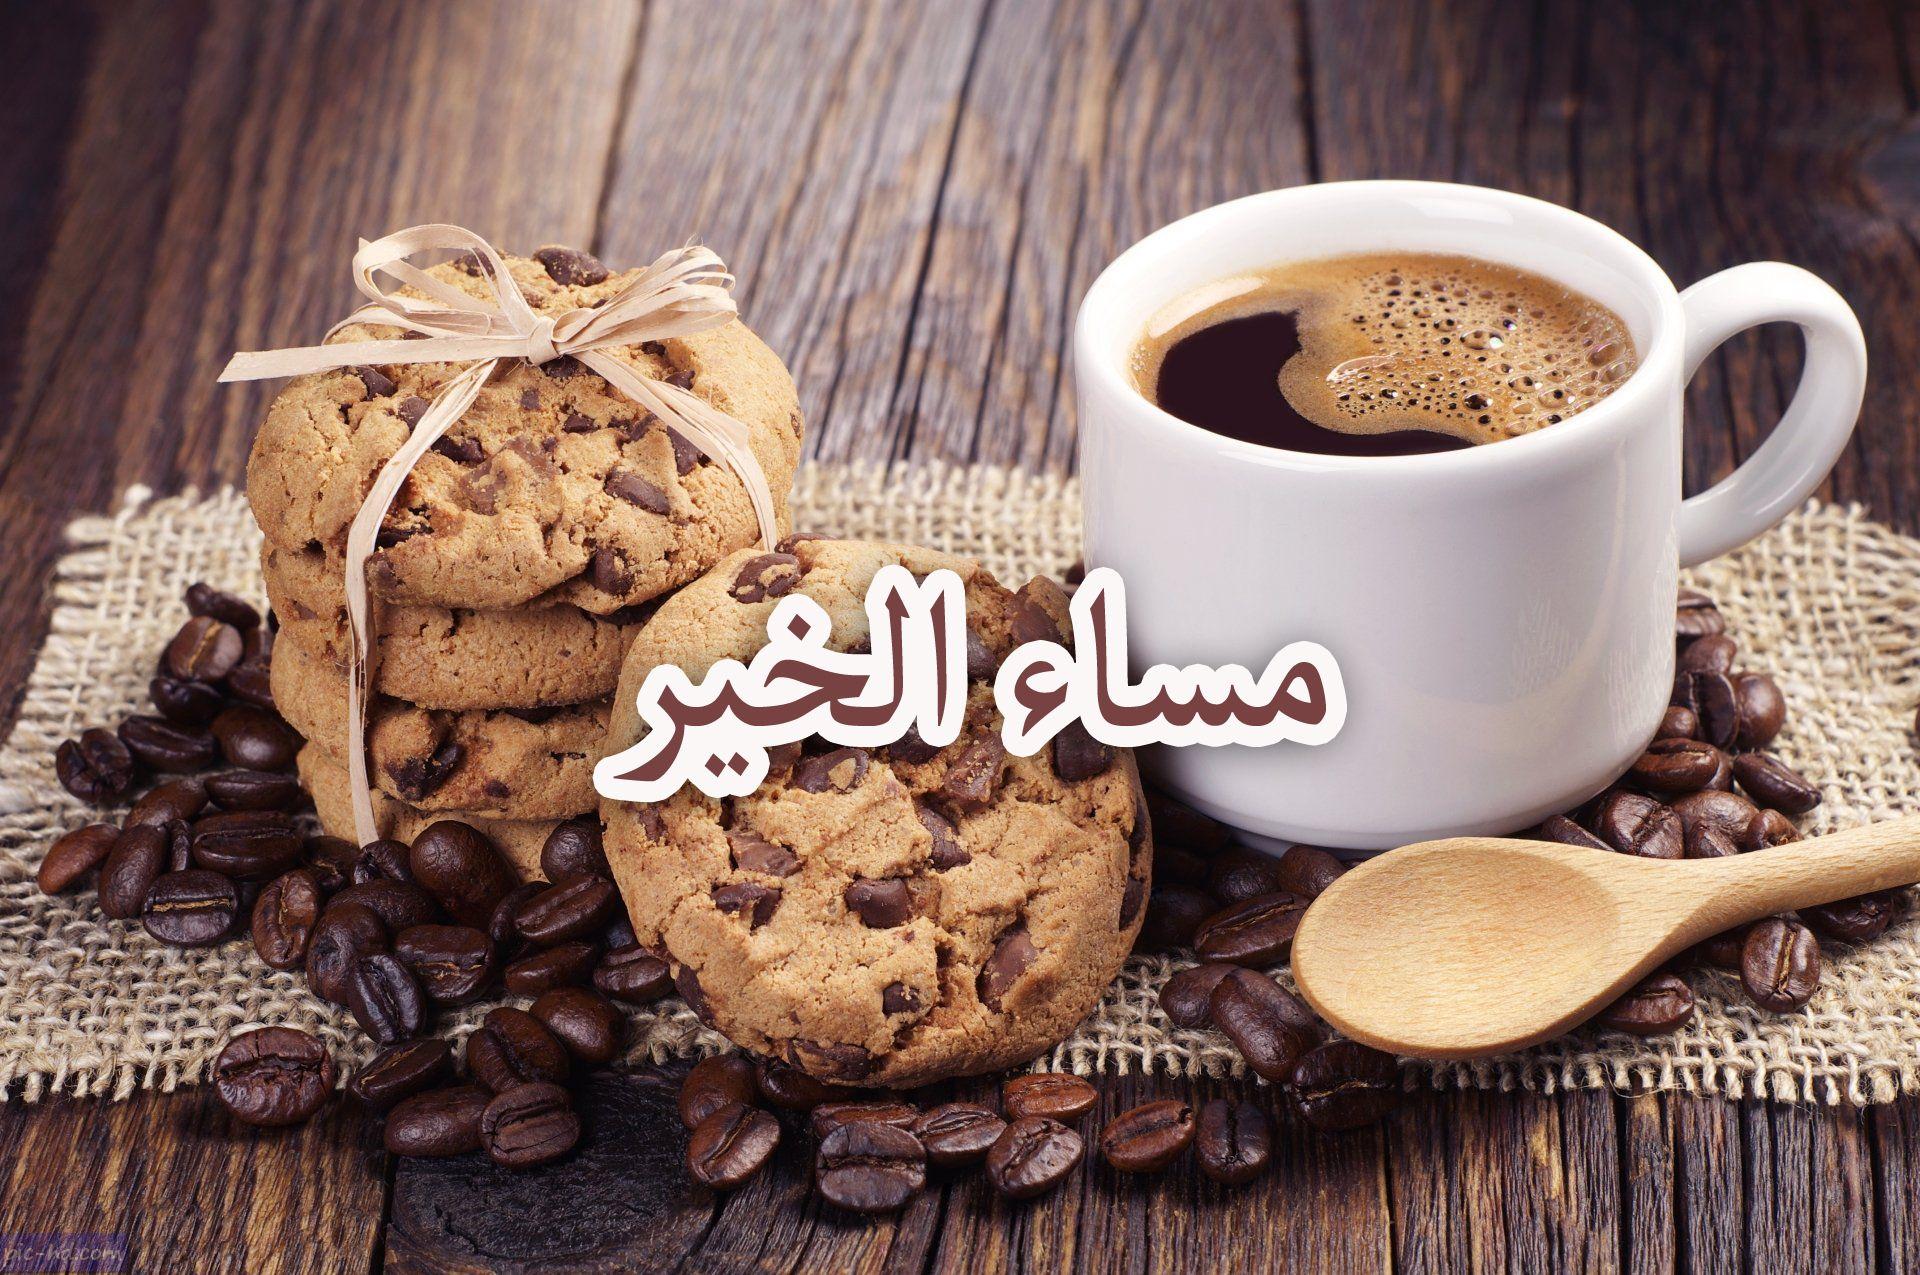 صور قهوة مكتوب عليها مساء الخير صور القهوة المسائية مساء